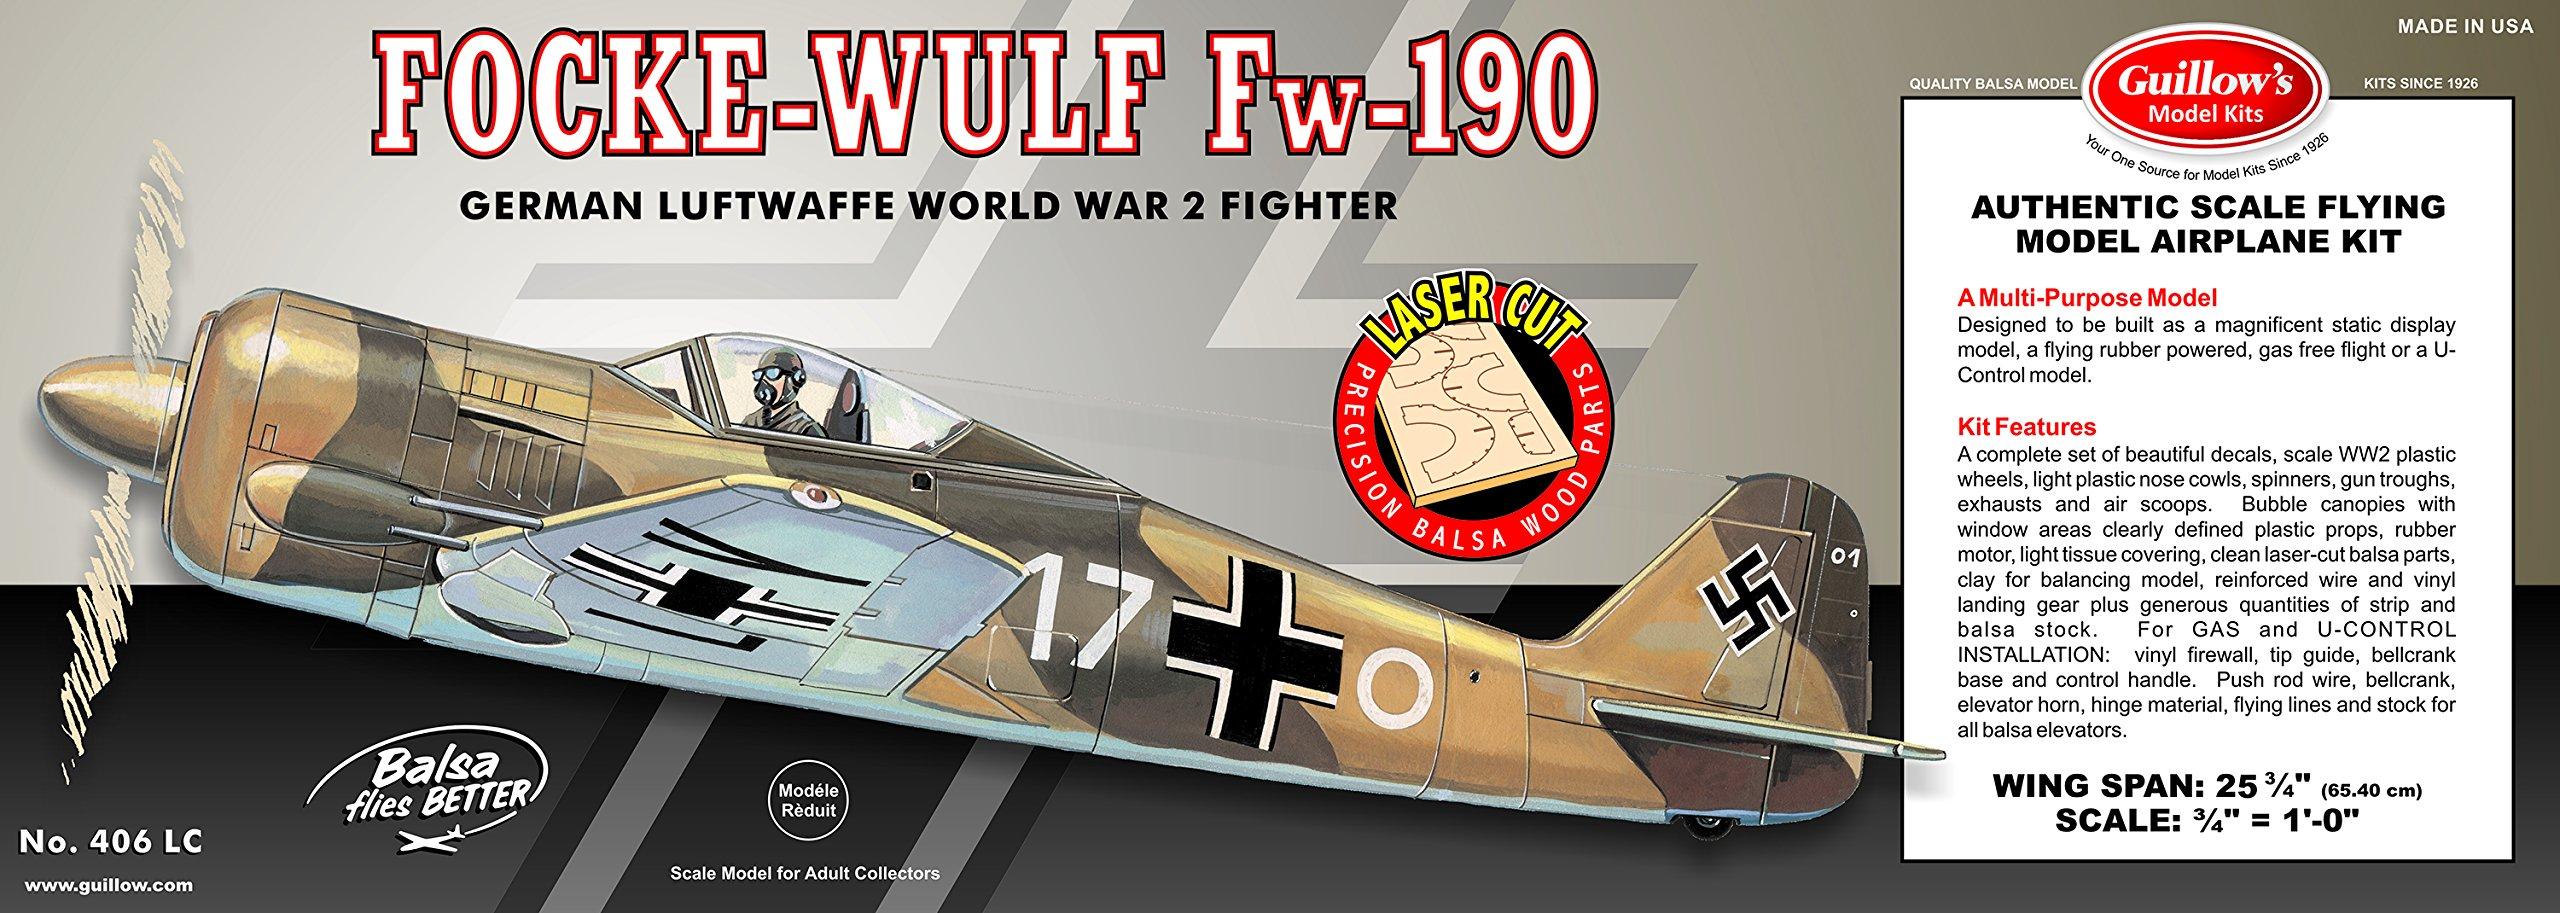 Guillow's Focke-Wulf FW-190 Laser Cut Model Kit